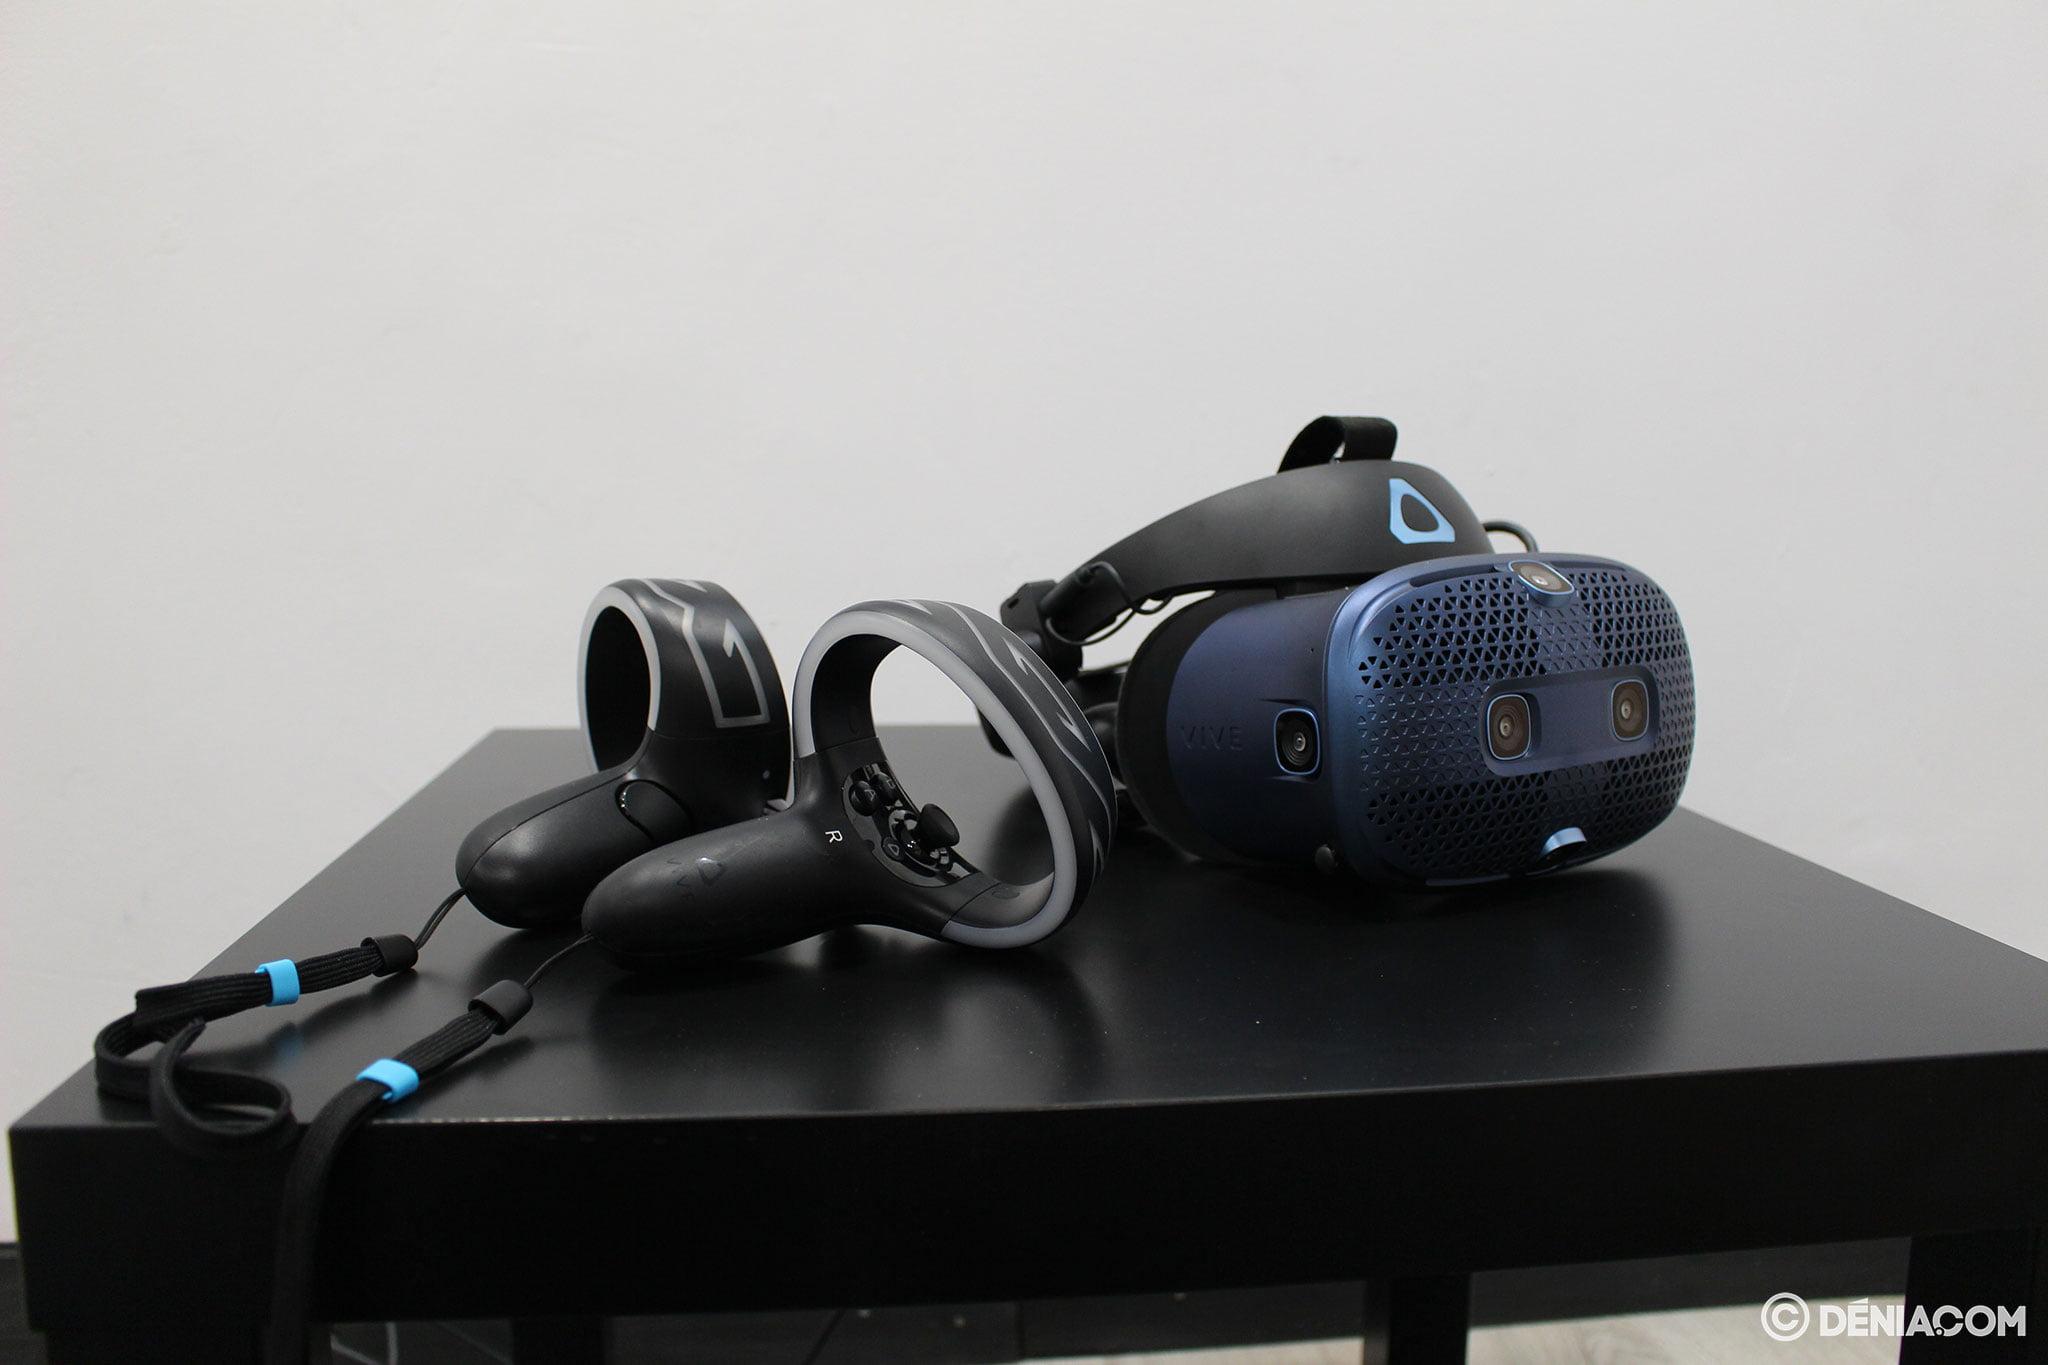 Prueba unas gafas de realidad virtual en Dénia – Game Station